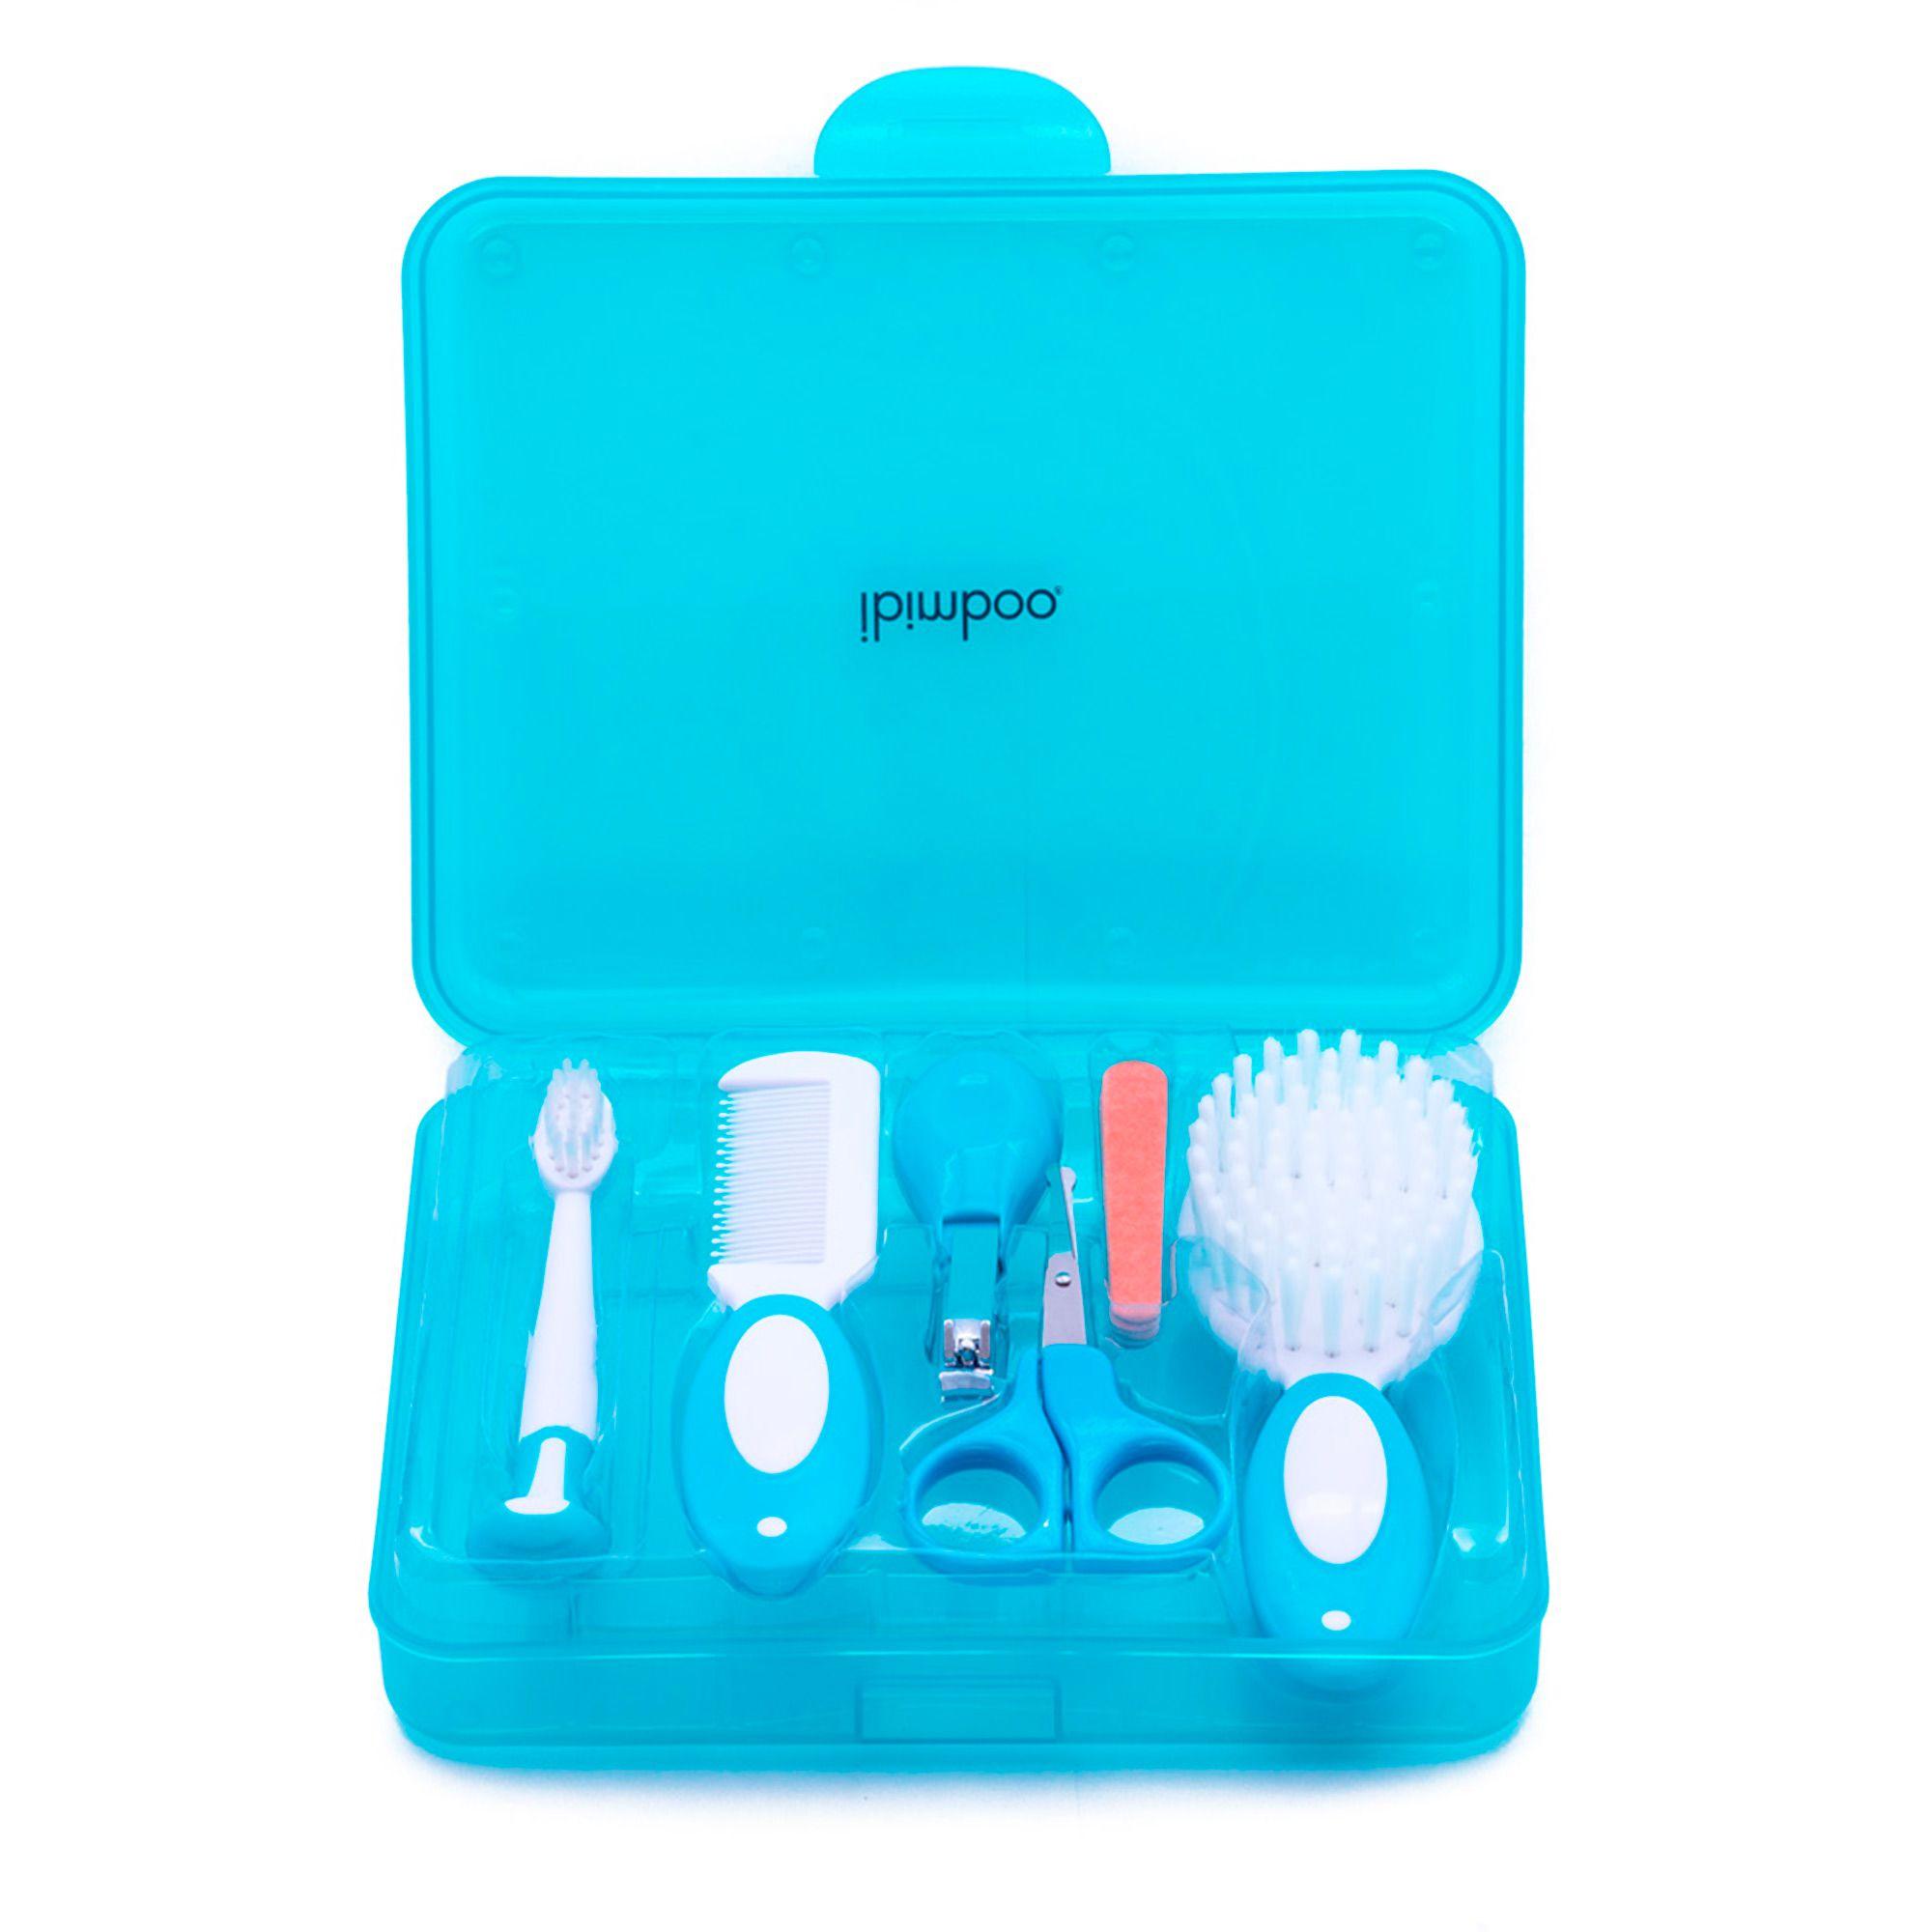 Kit Higiene Ibimboo - Azul